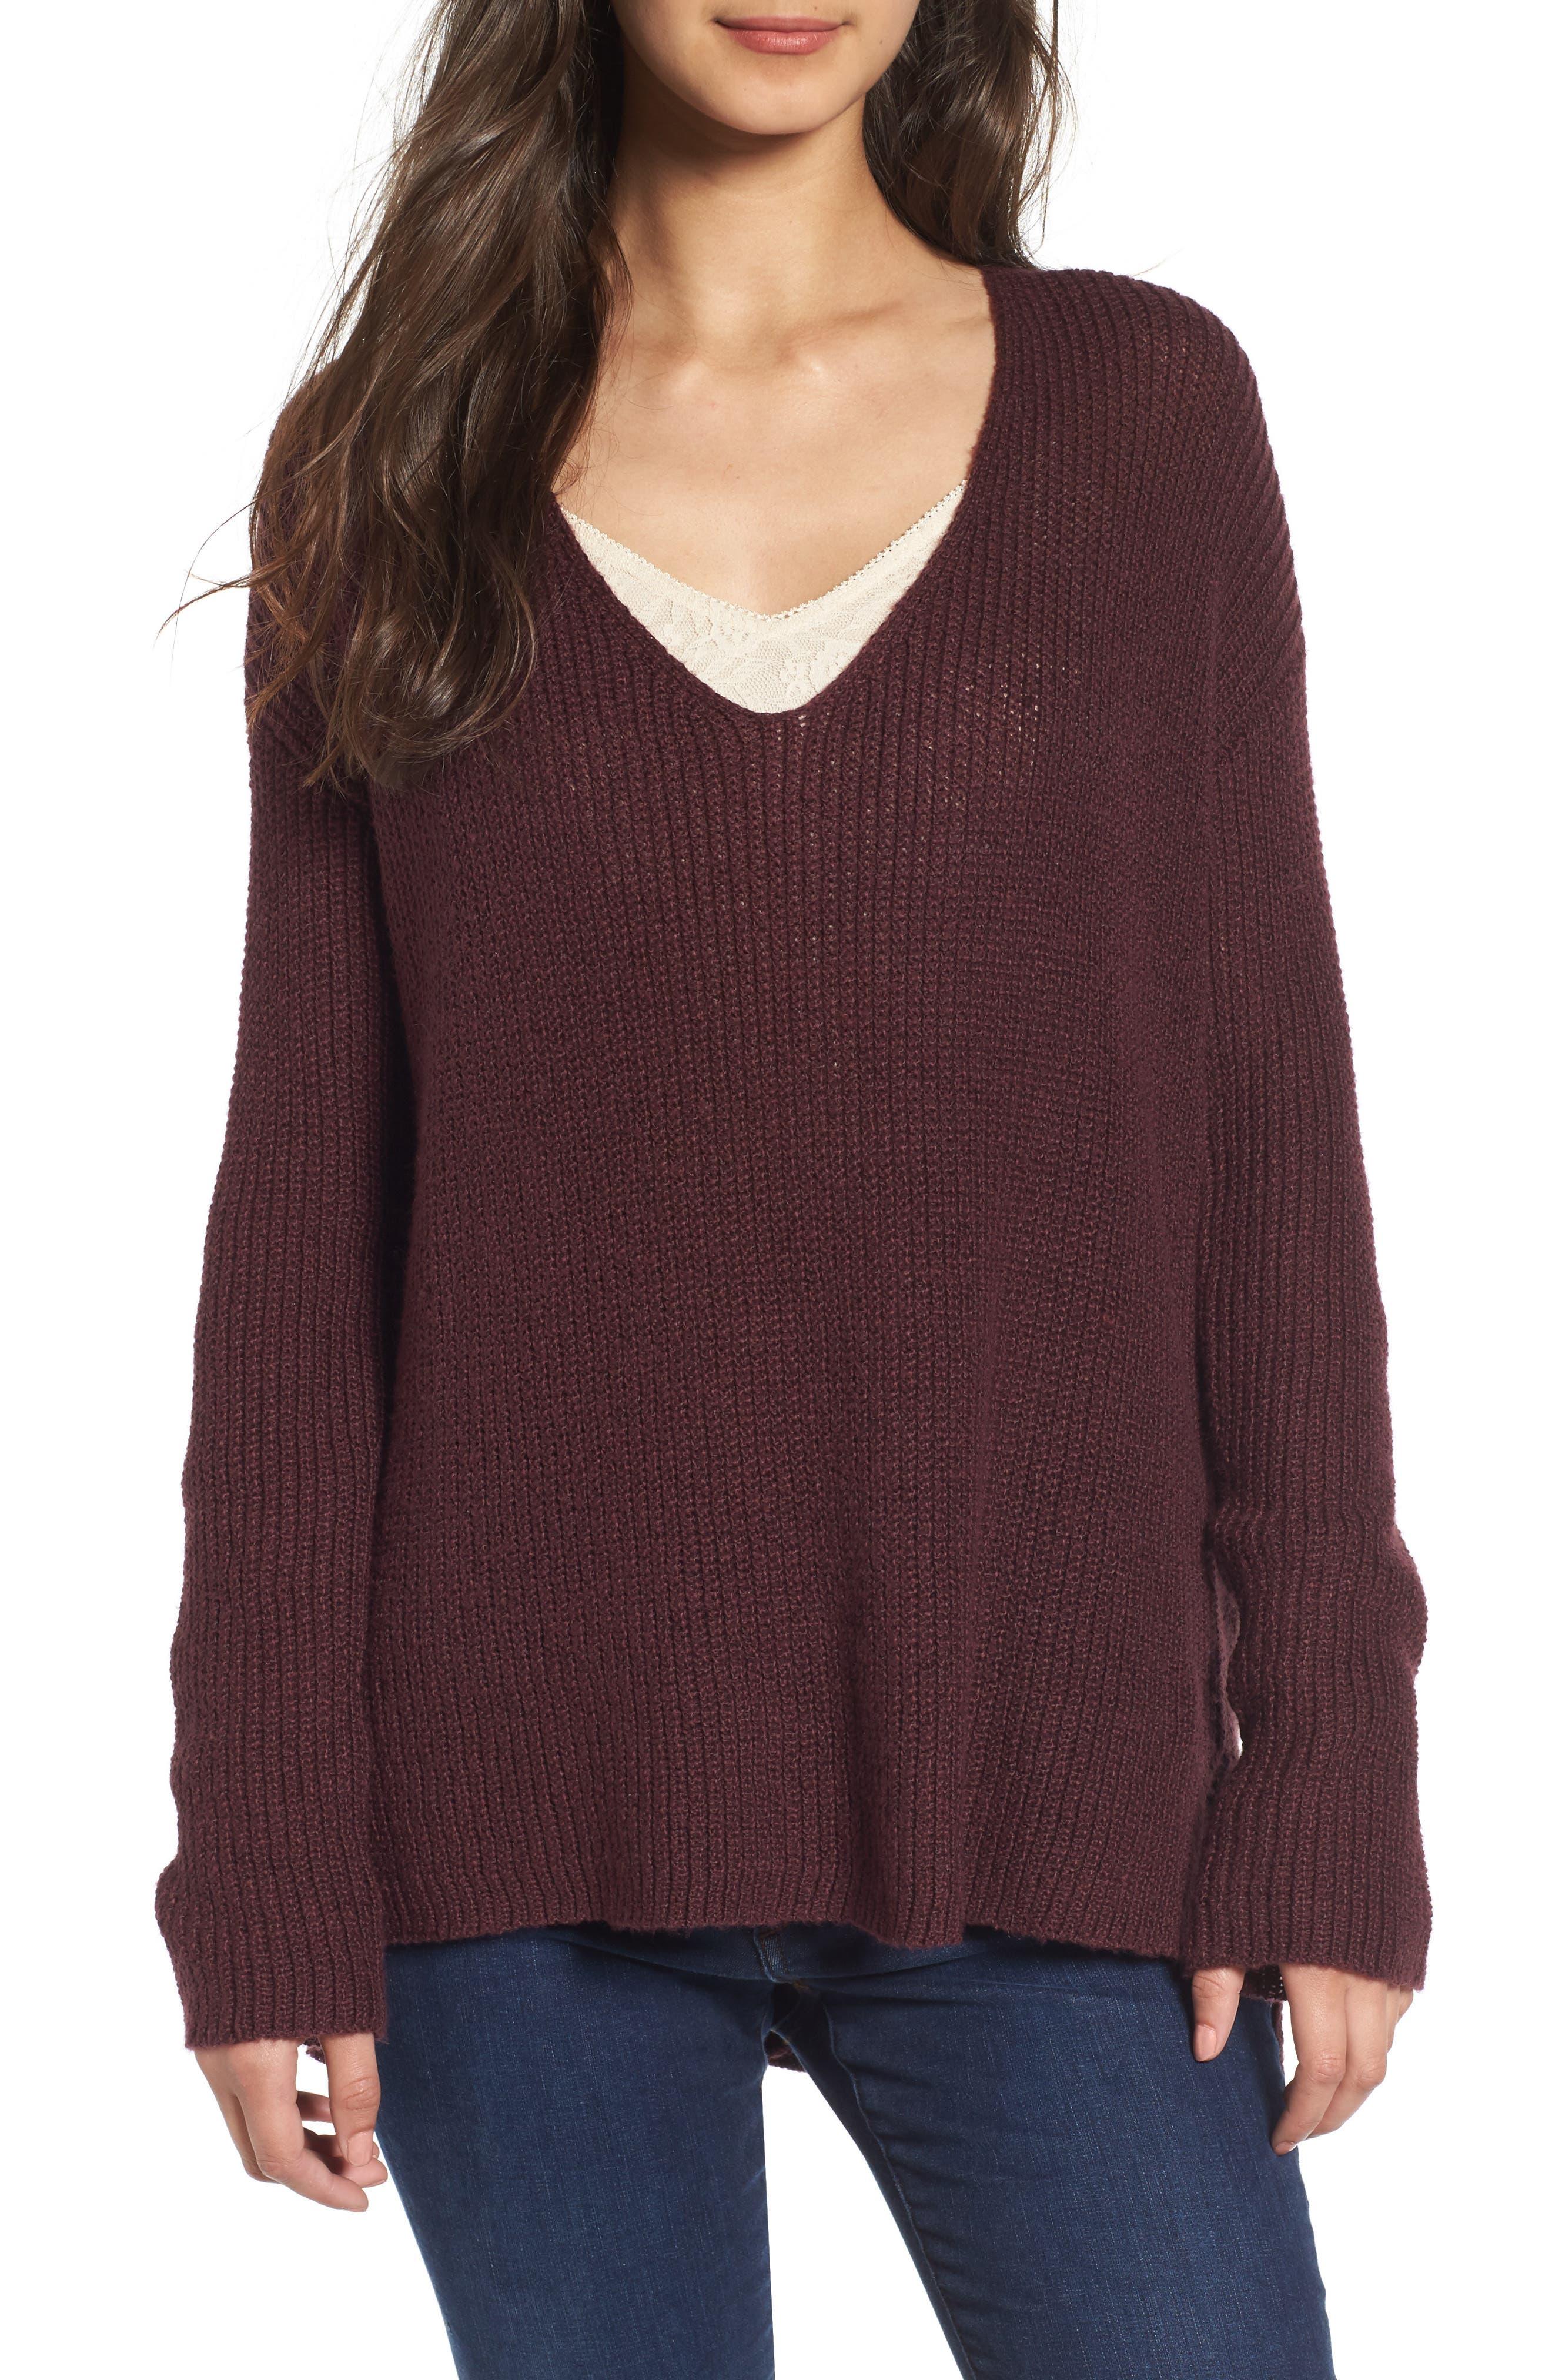 Hinge Button Back V-Neck Sweater